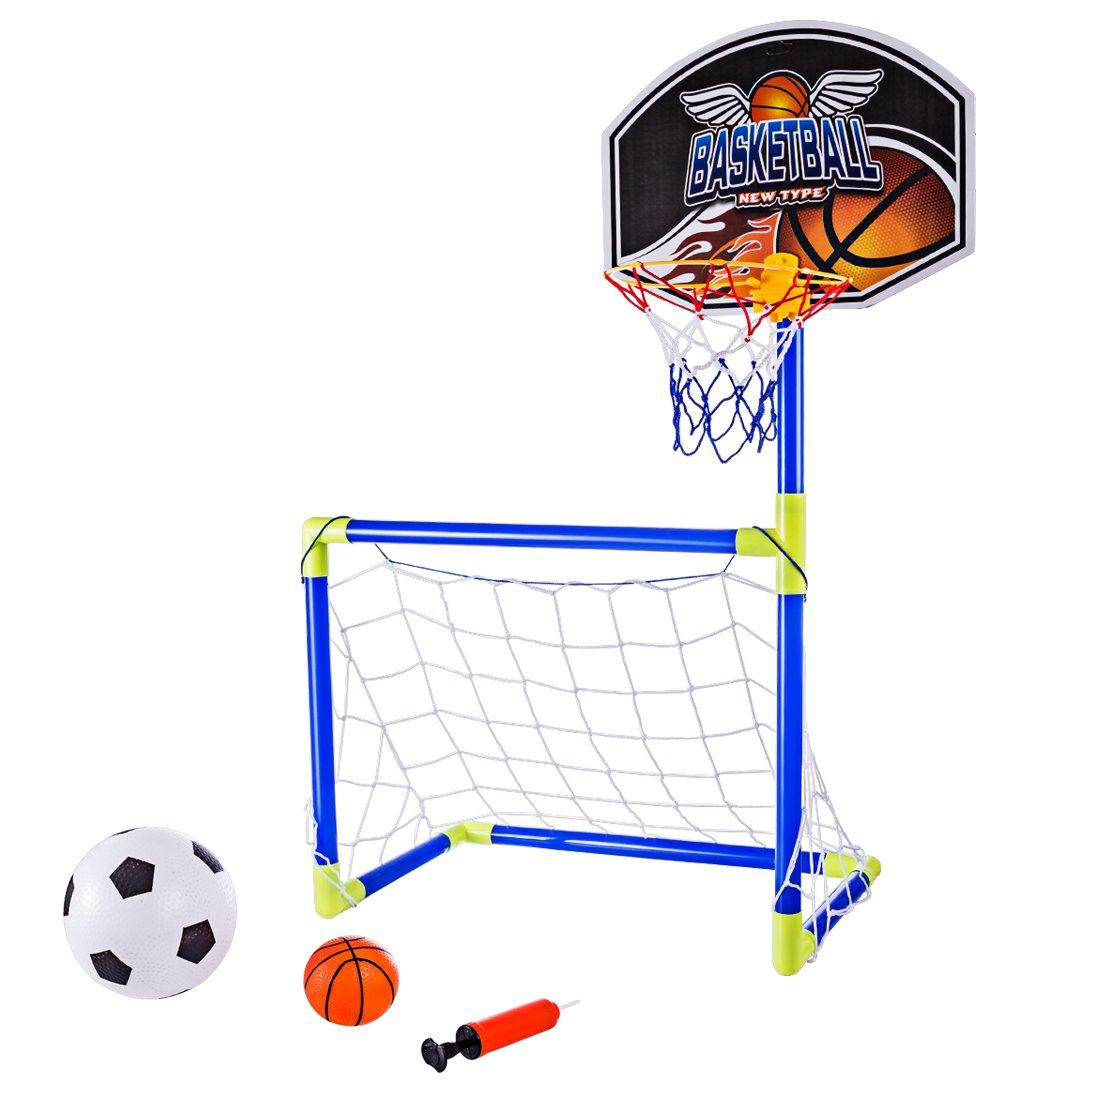 DAN DISCOUNTS 90cm 2 in 1 Porta da Calcio e Tabellone Basket - Canestro da Basket Pallone Allenamento per Bambini